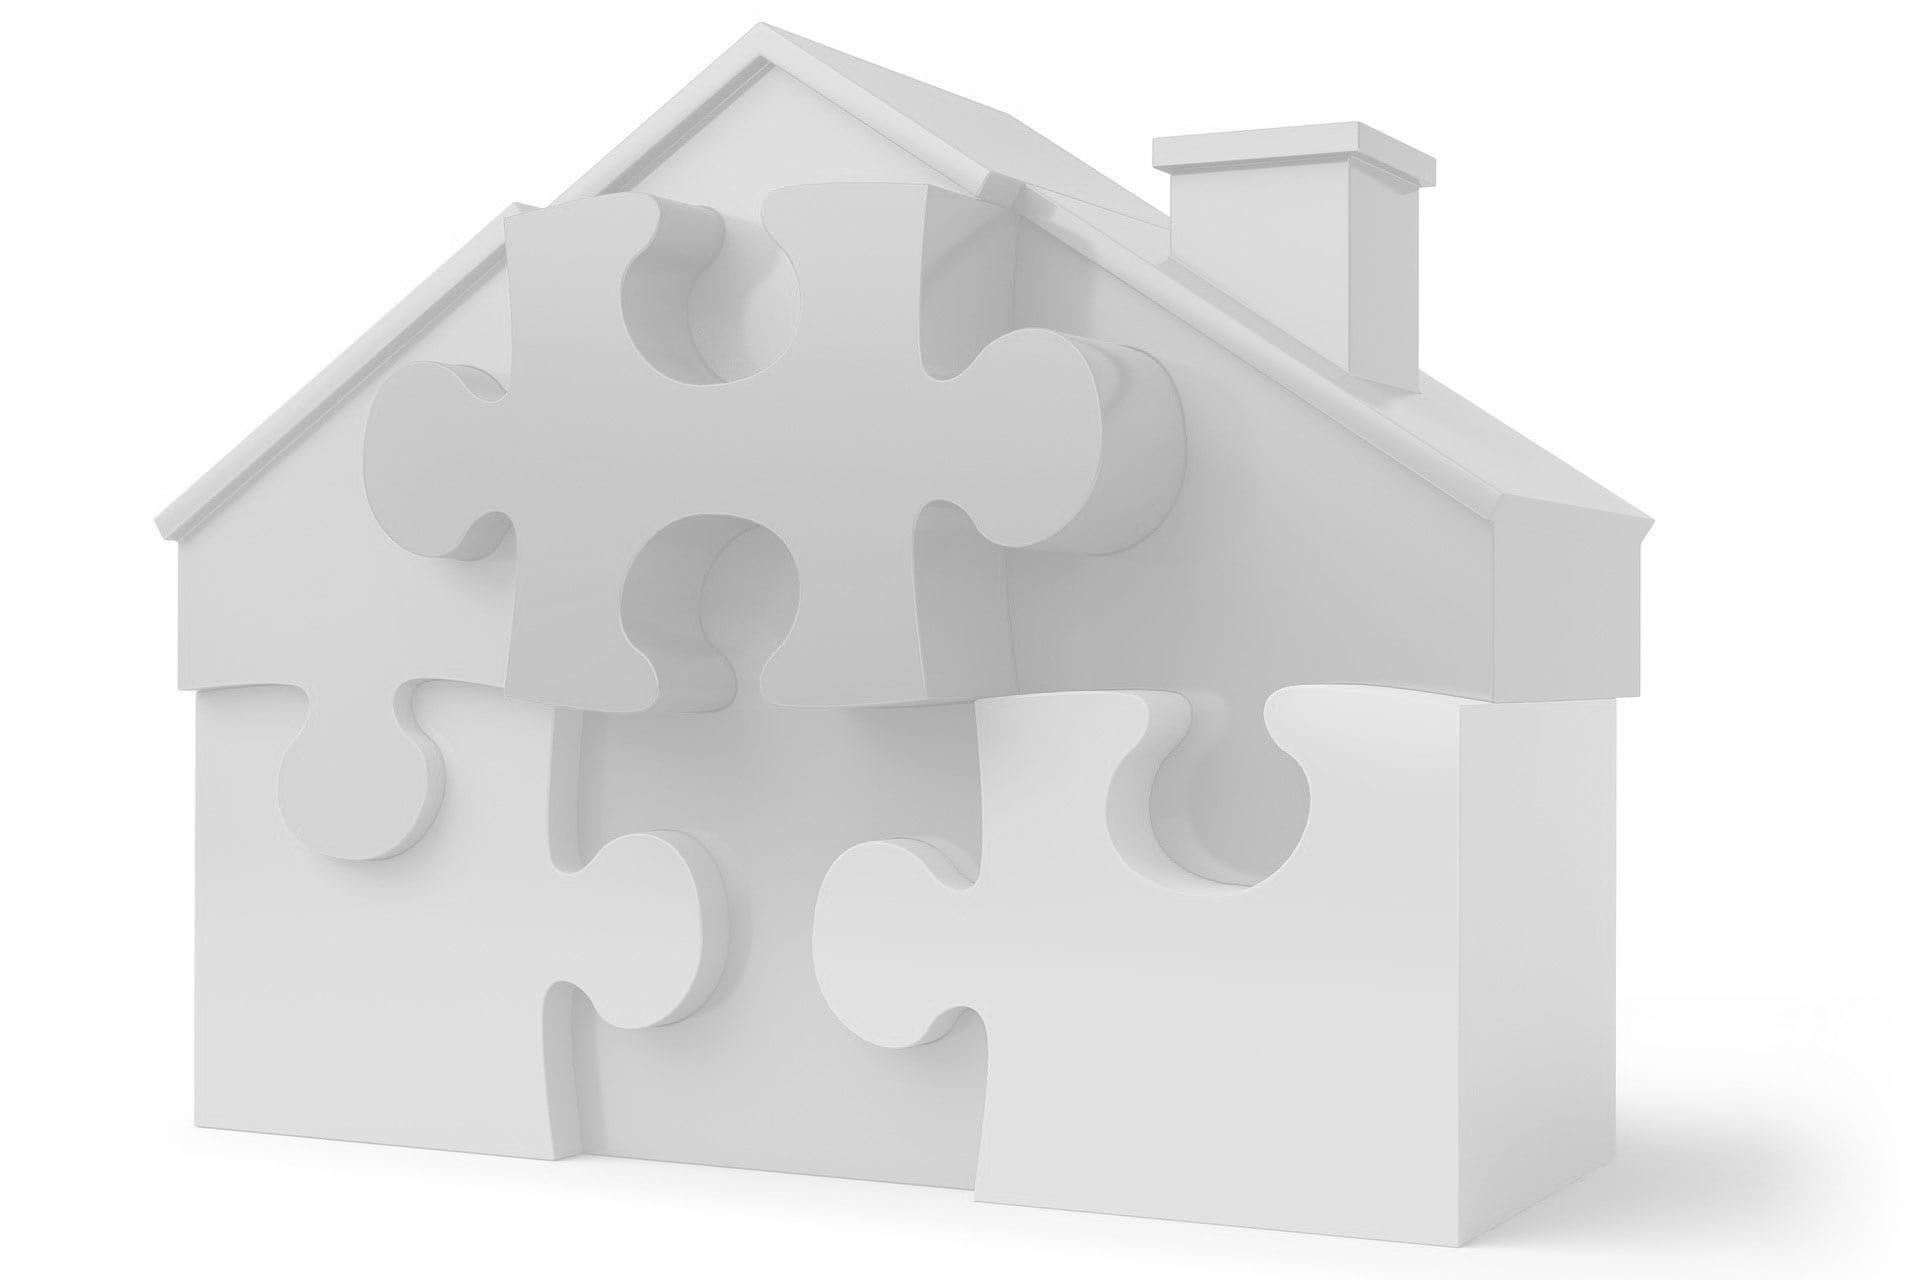 un blog sobre seo para bienes raíces